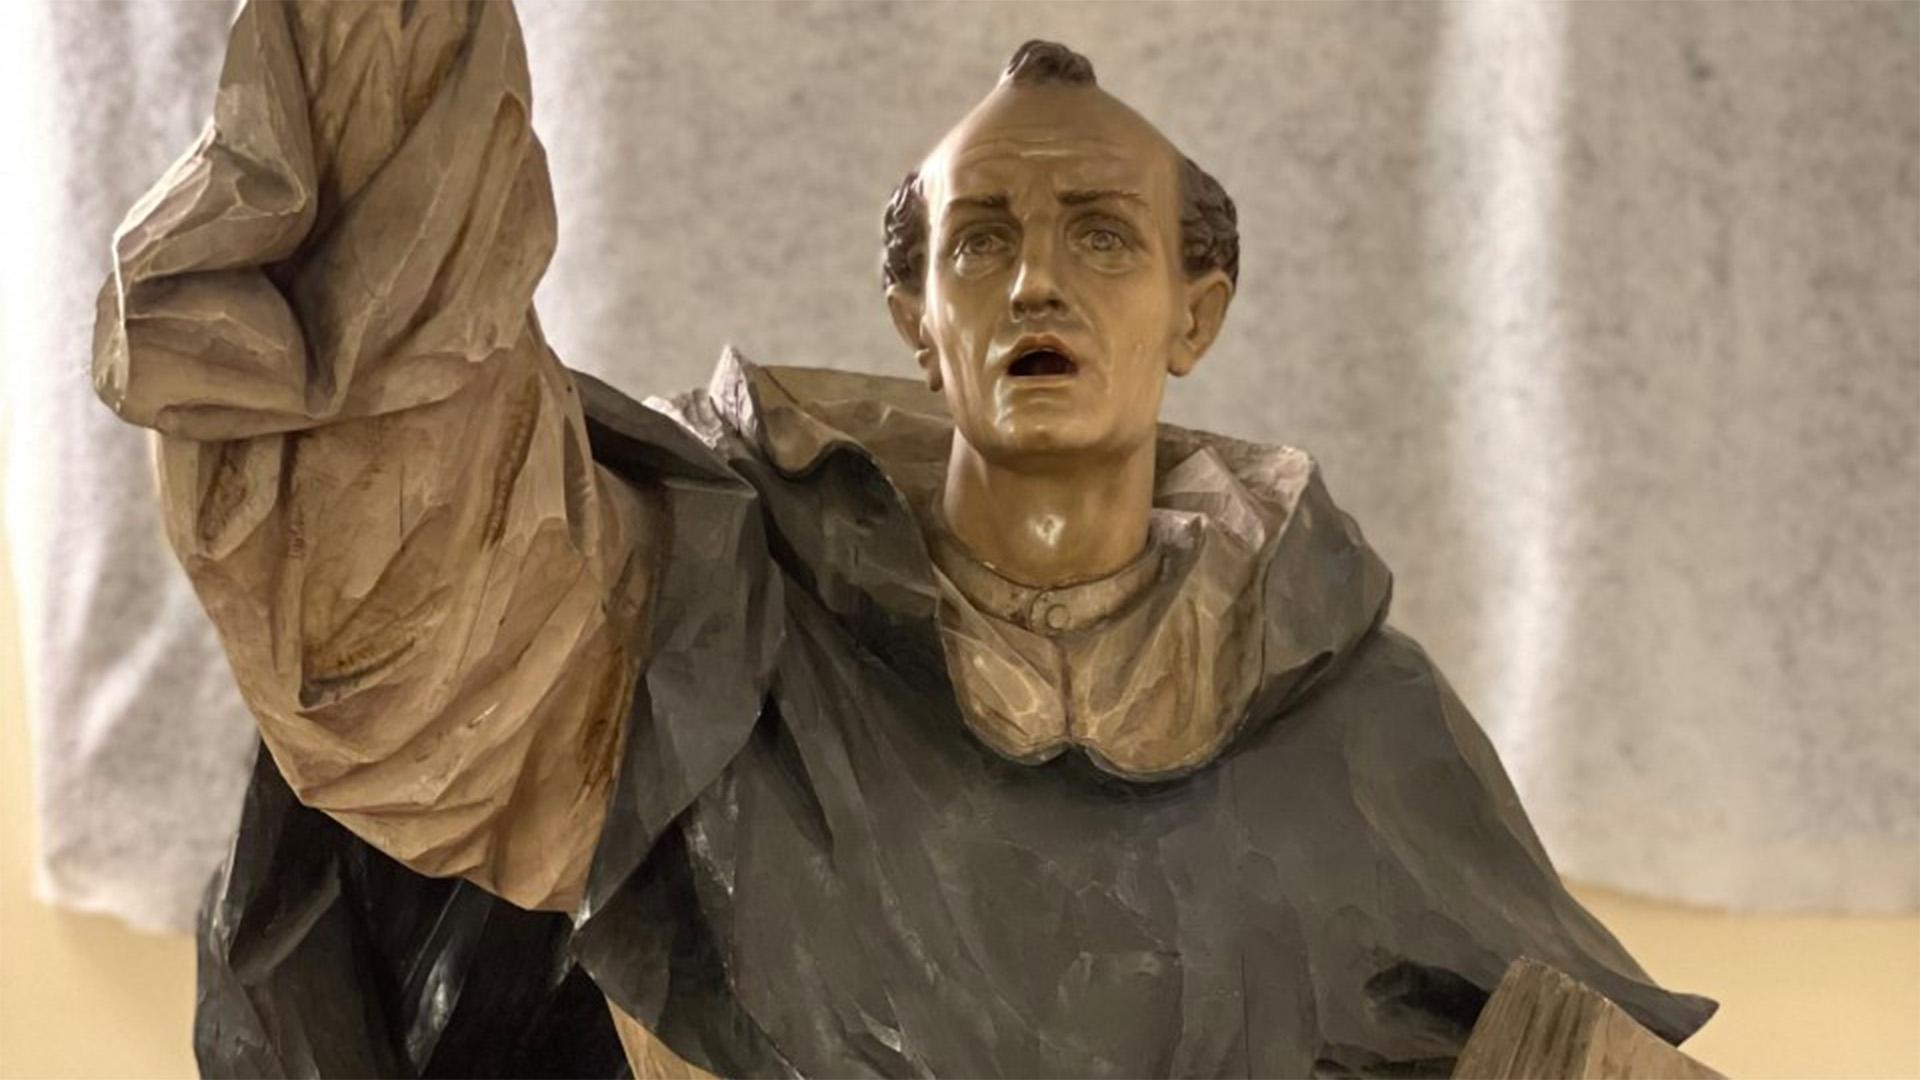 La restauració coincideix amb el sisé centenari de la mort del sant